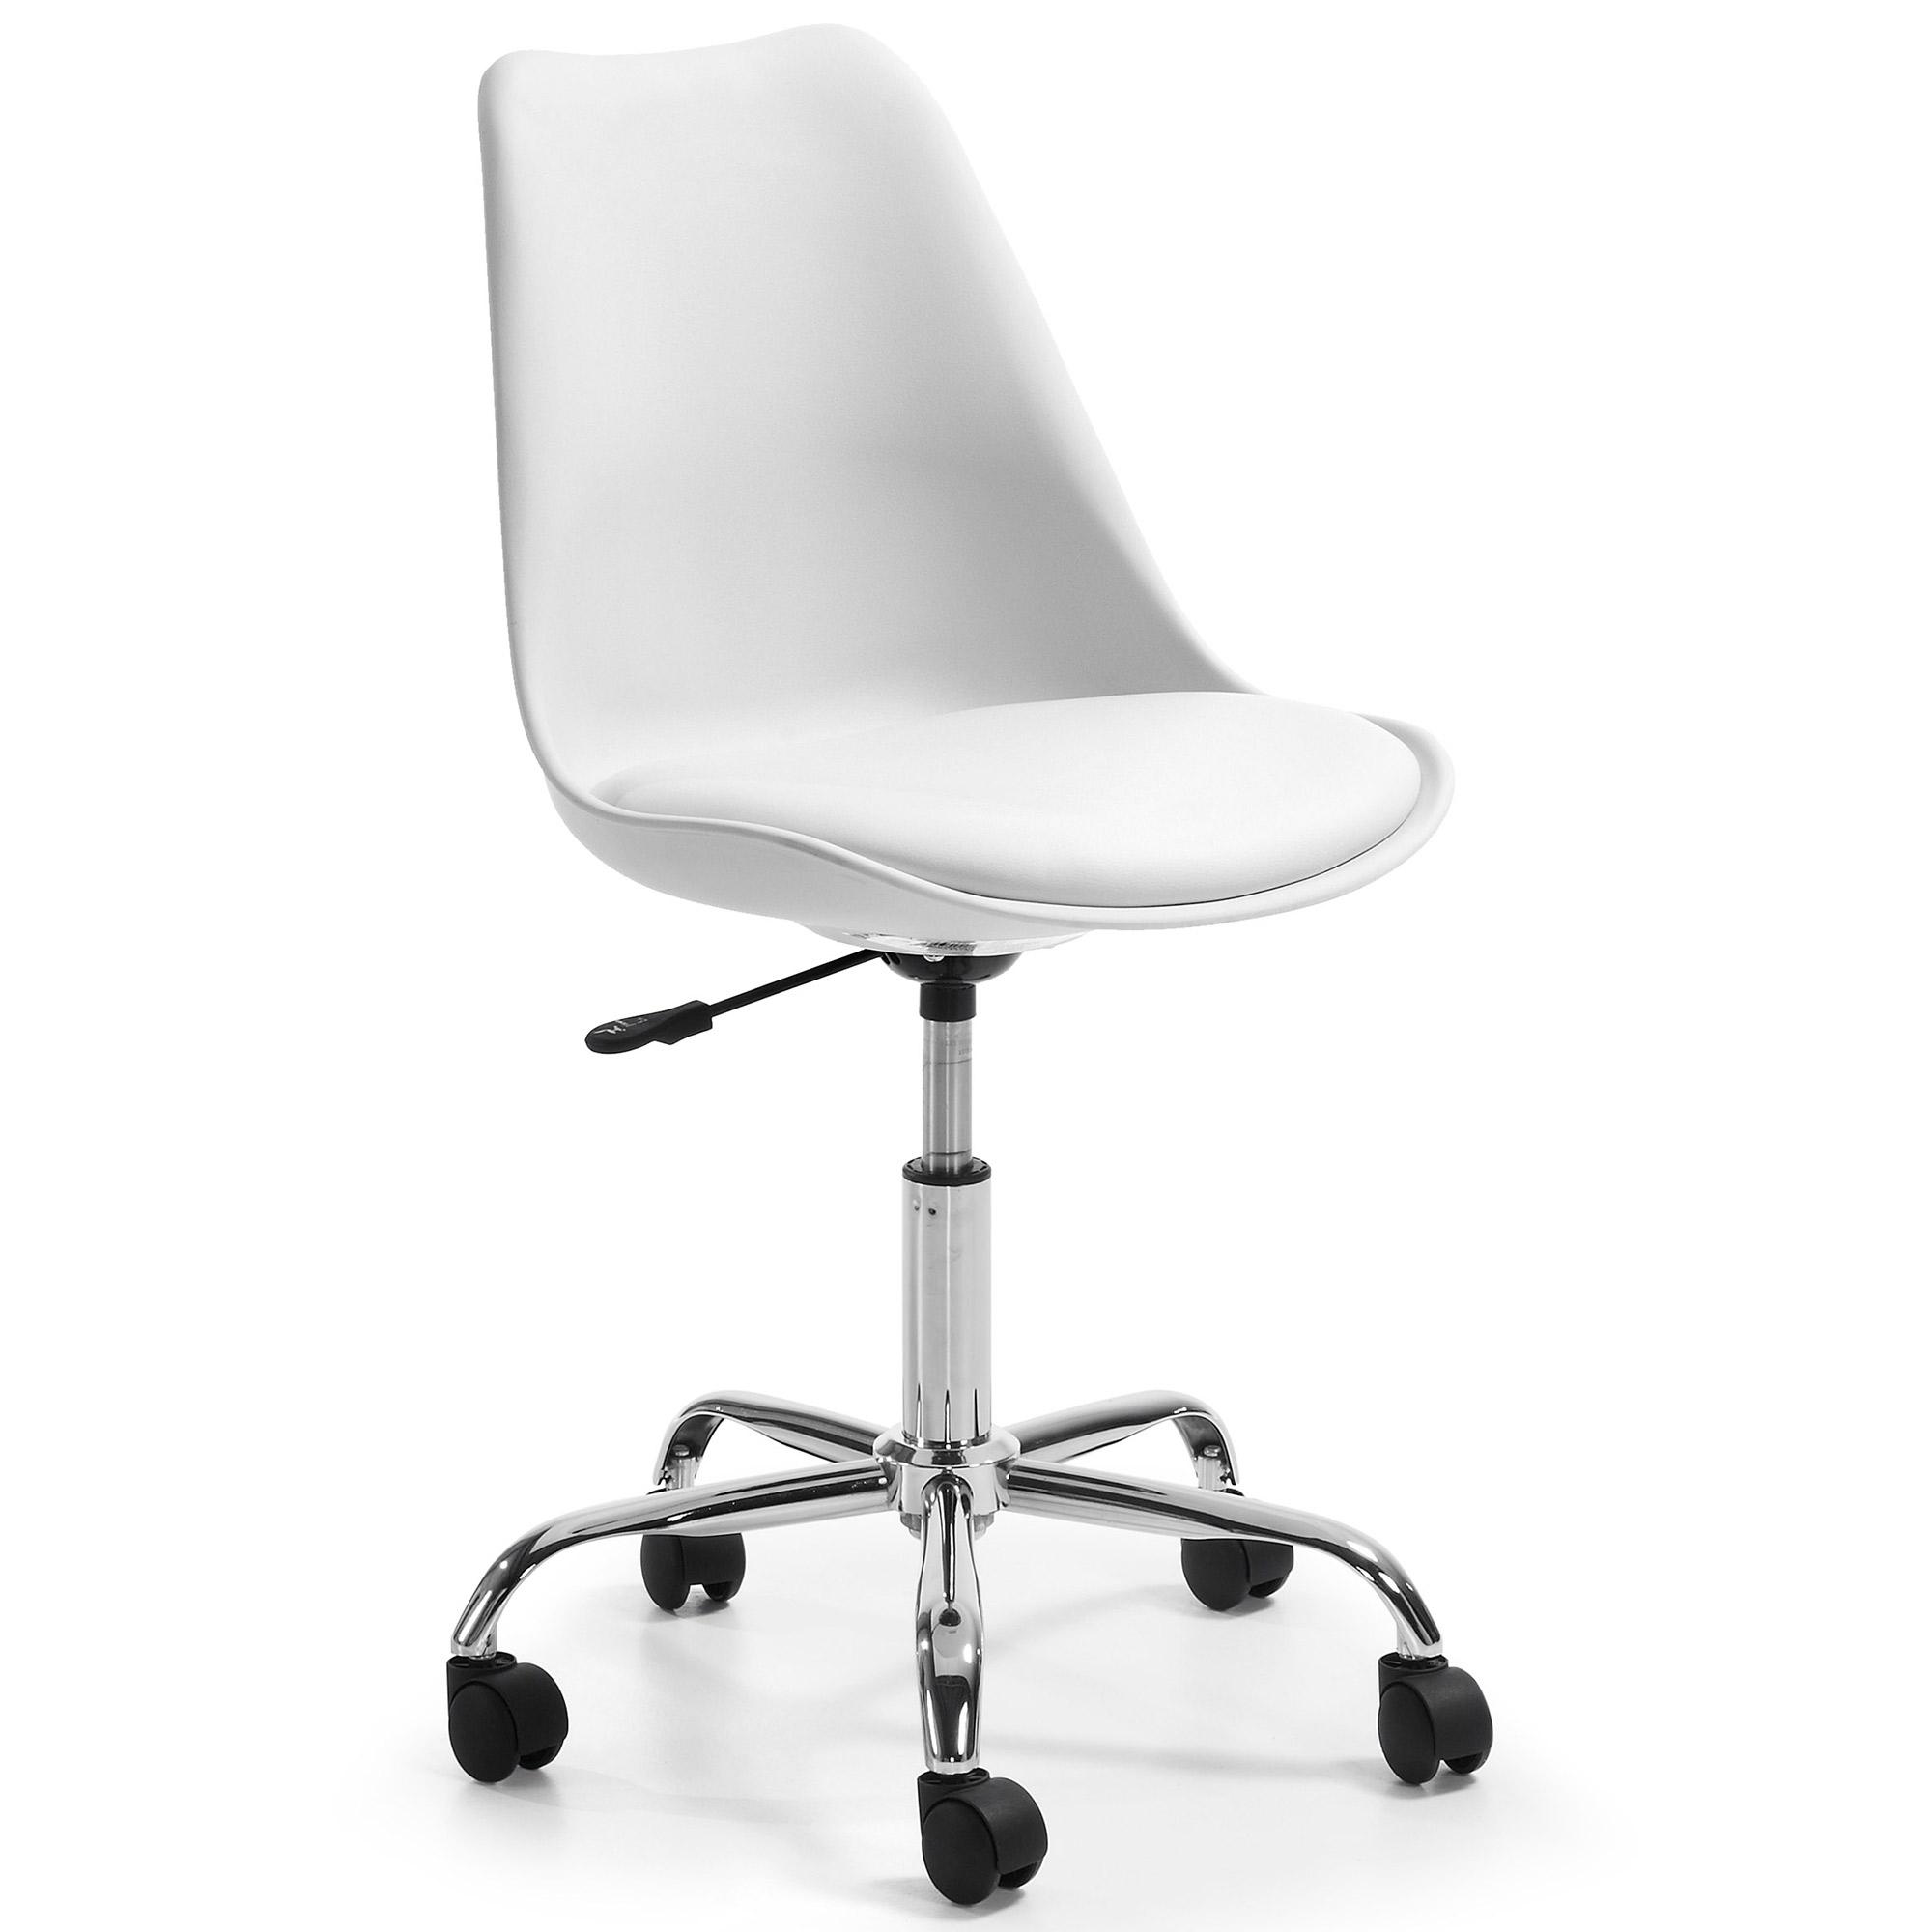 Silla giratoria orlando blanca asiento blanco no for Sillas de oficina blancas